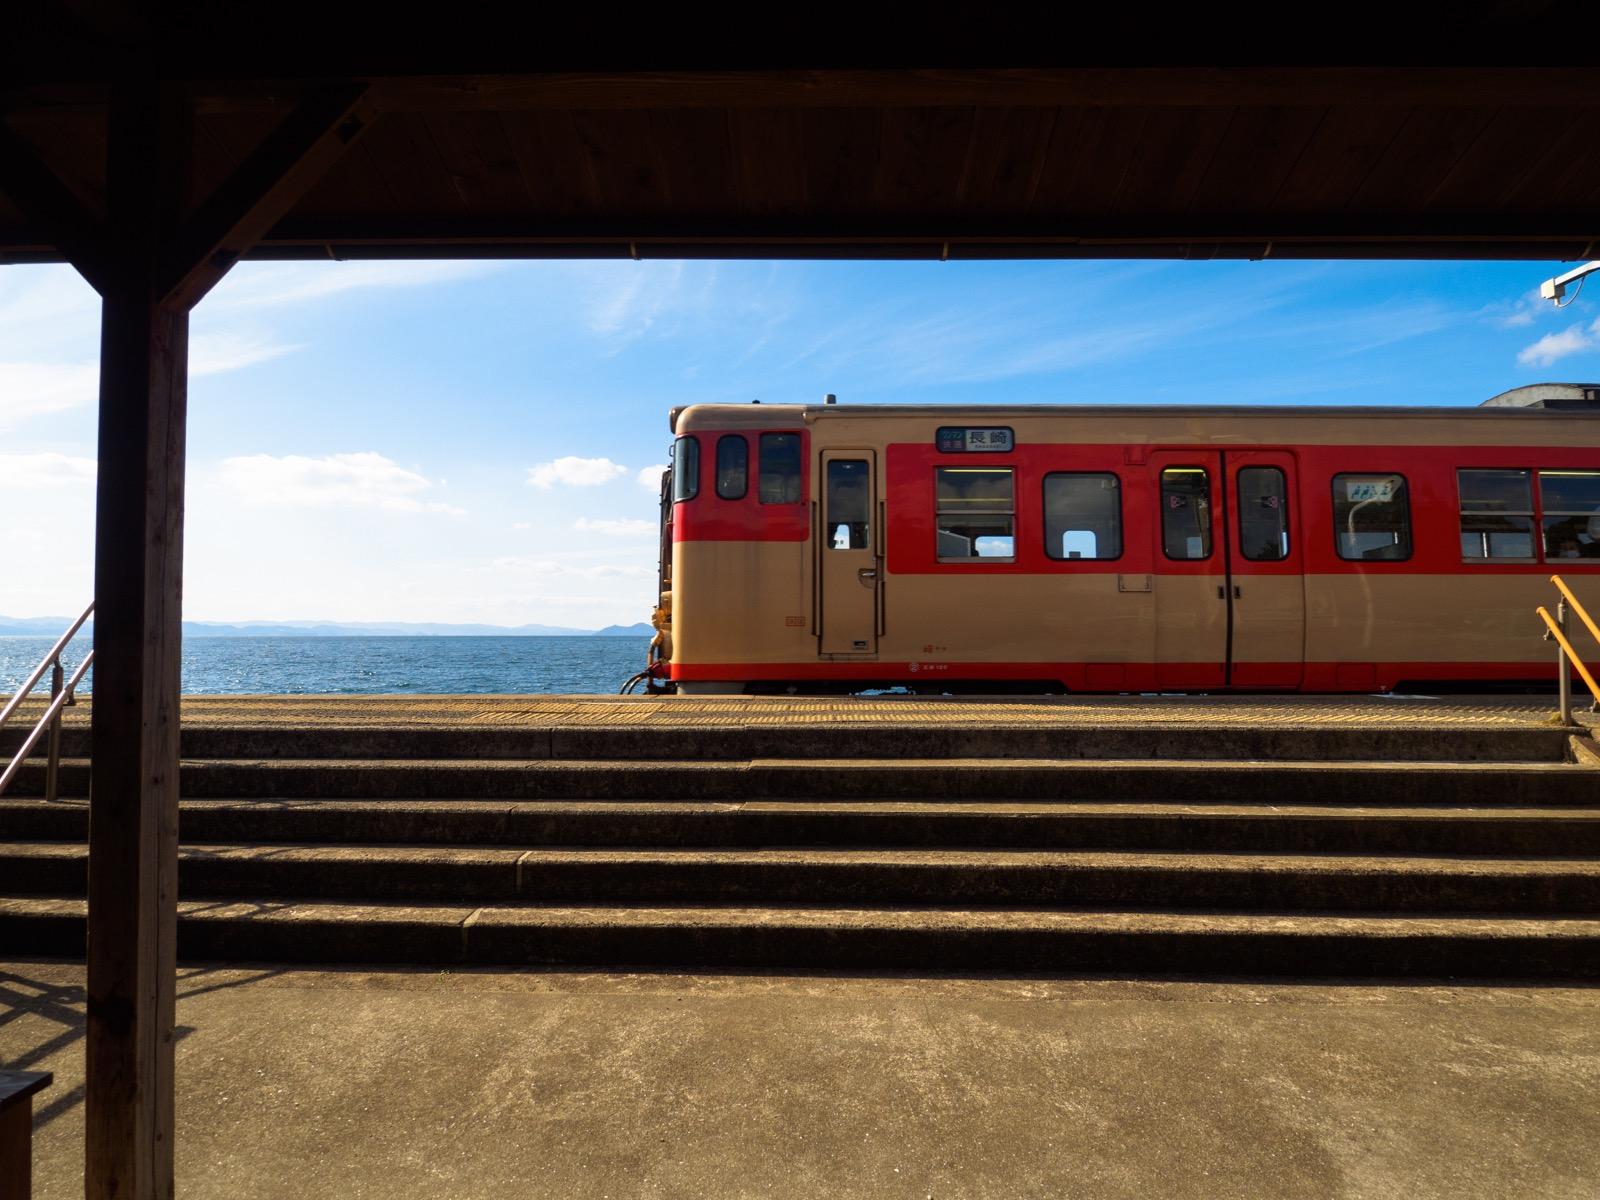 千綿駅 | 海の見える駅